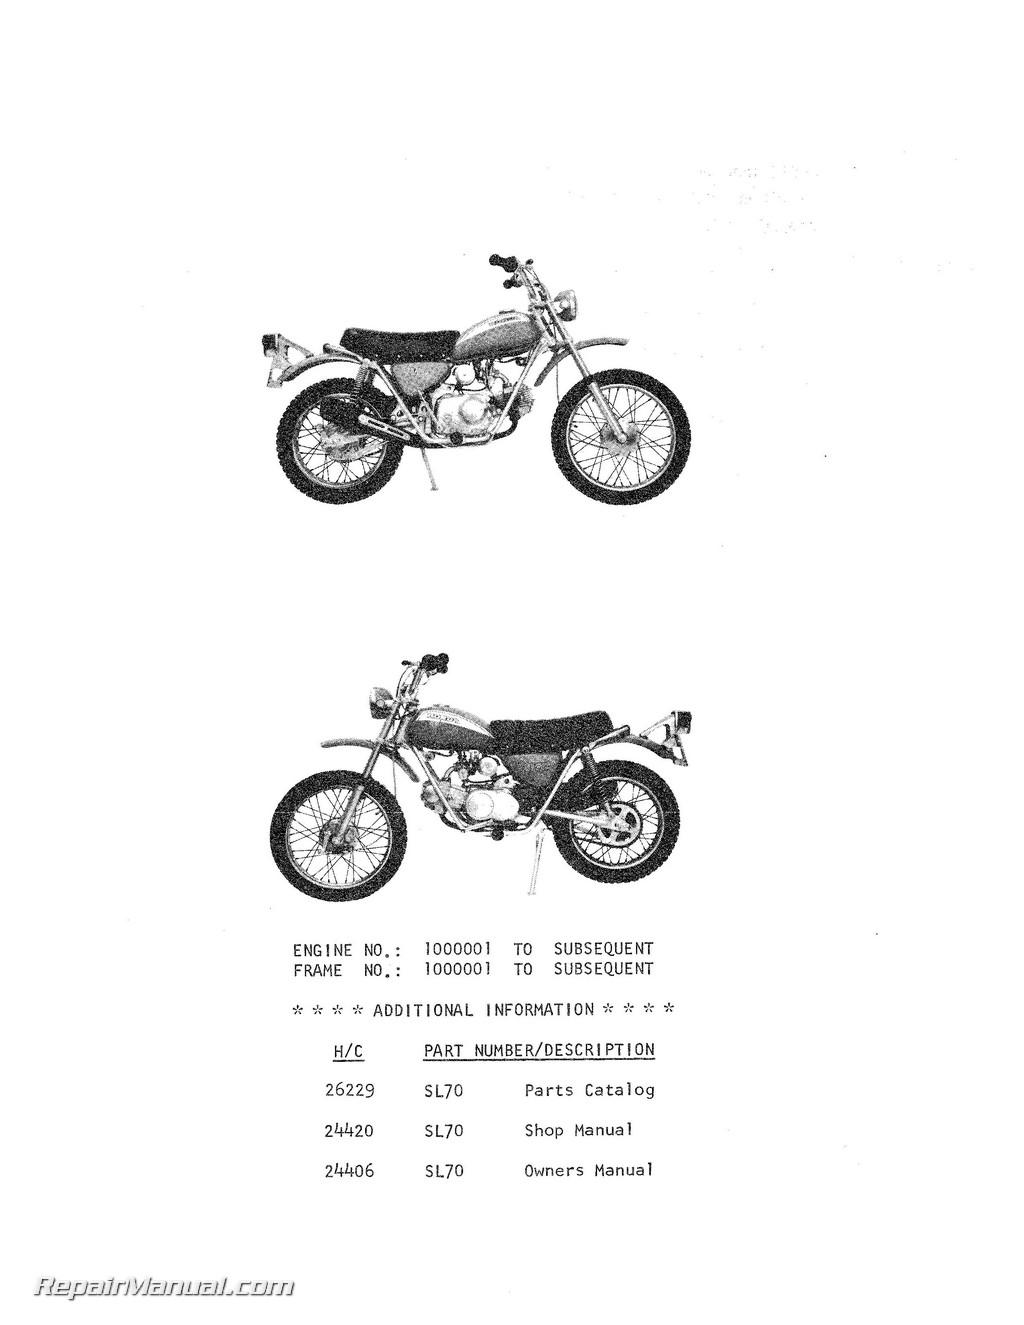 Honda Sl70 Motorcycle Parts Manual